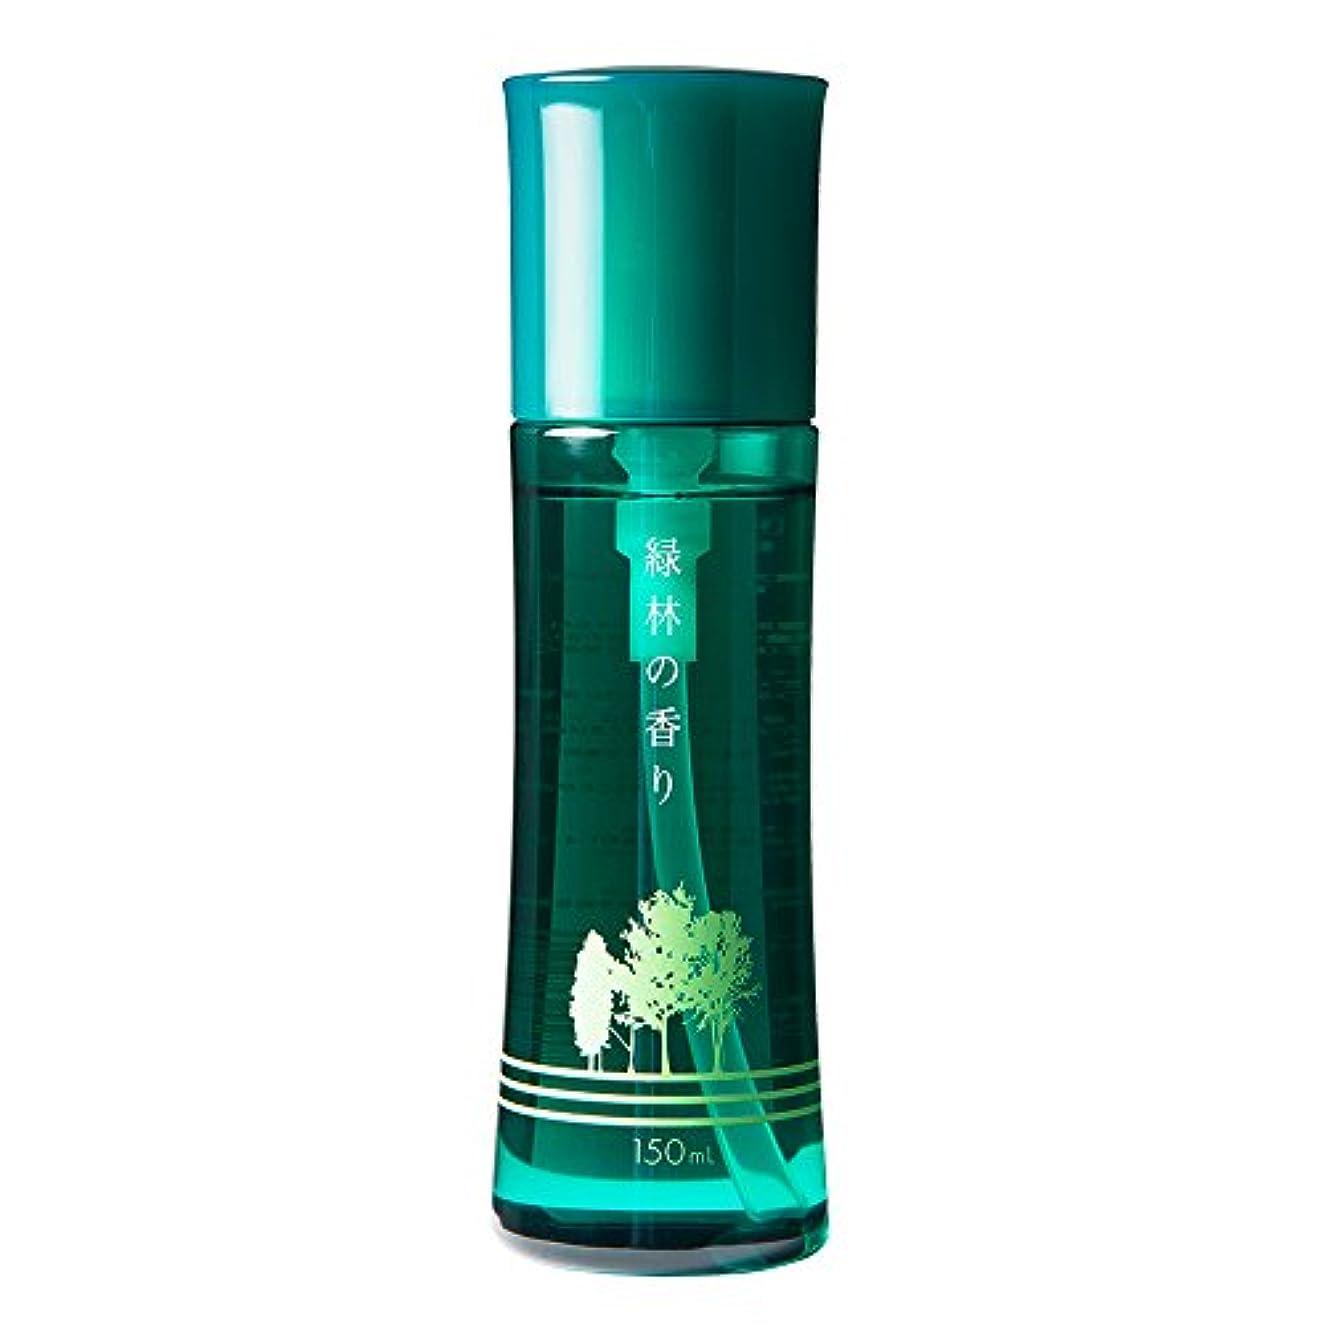 バングラデシュ終点見ました芳香剤「緑林の香り(みどりの香り)」150mL 日本予防医薬